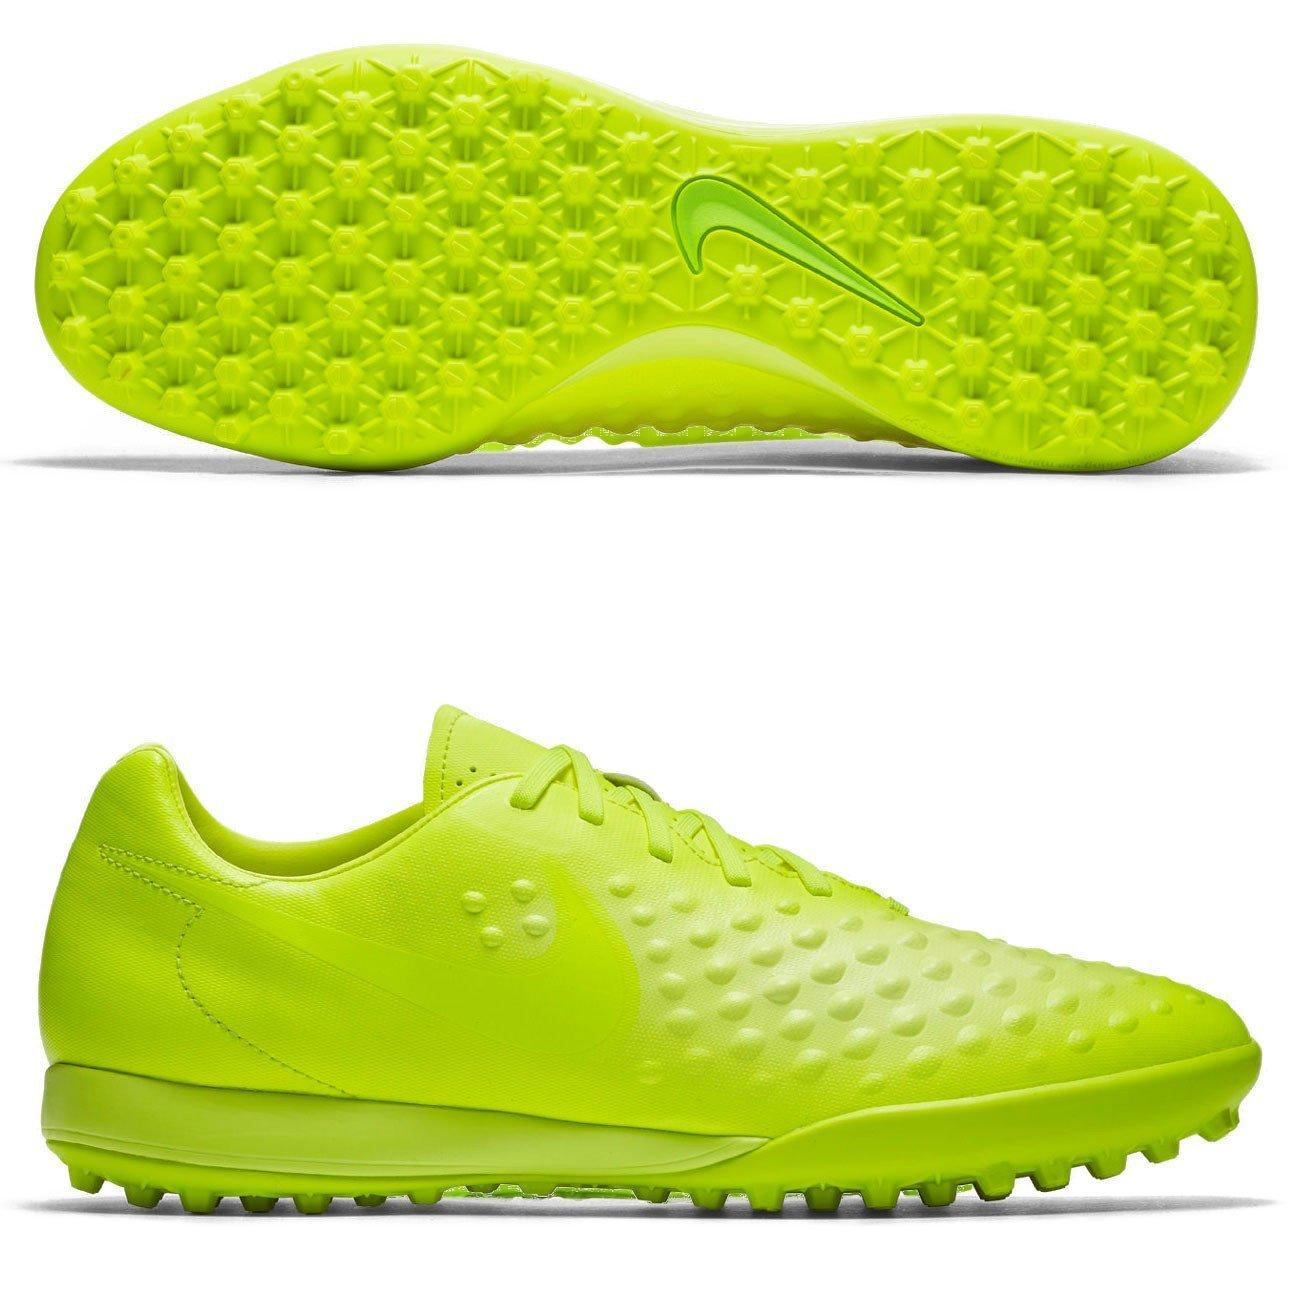 Nike Magista Onda II TF Adulto - Electric Yellow